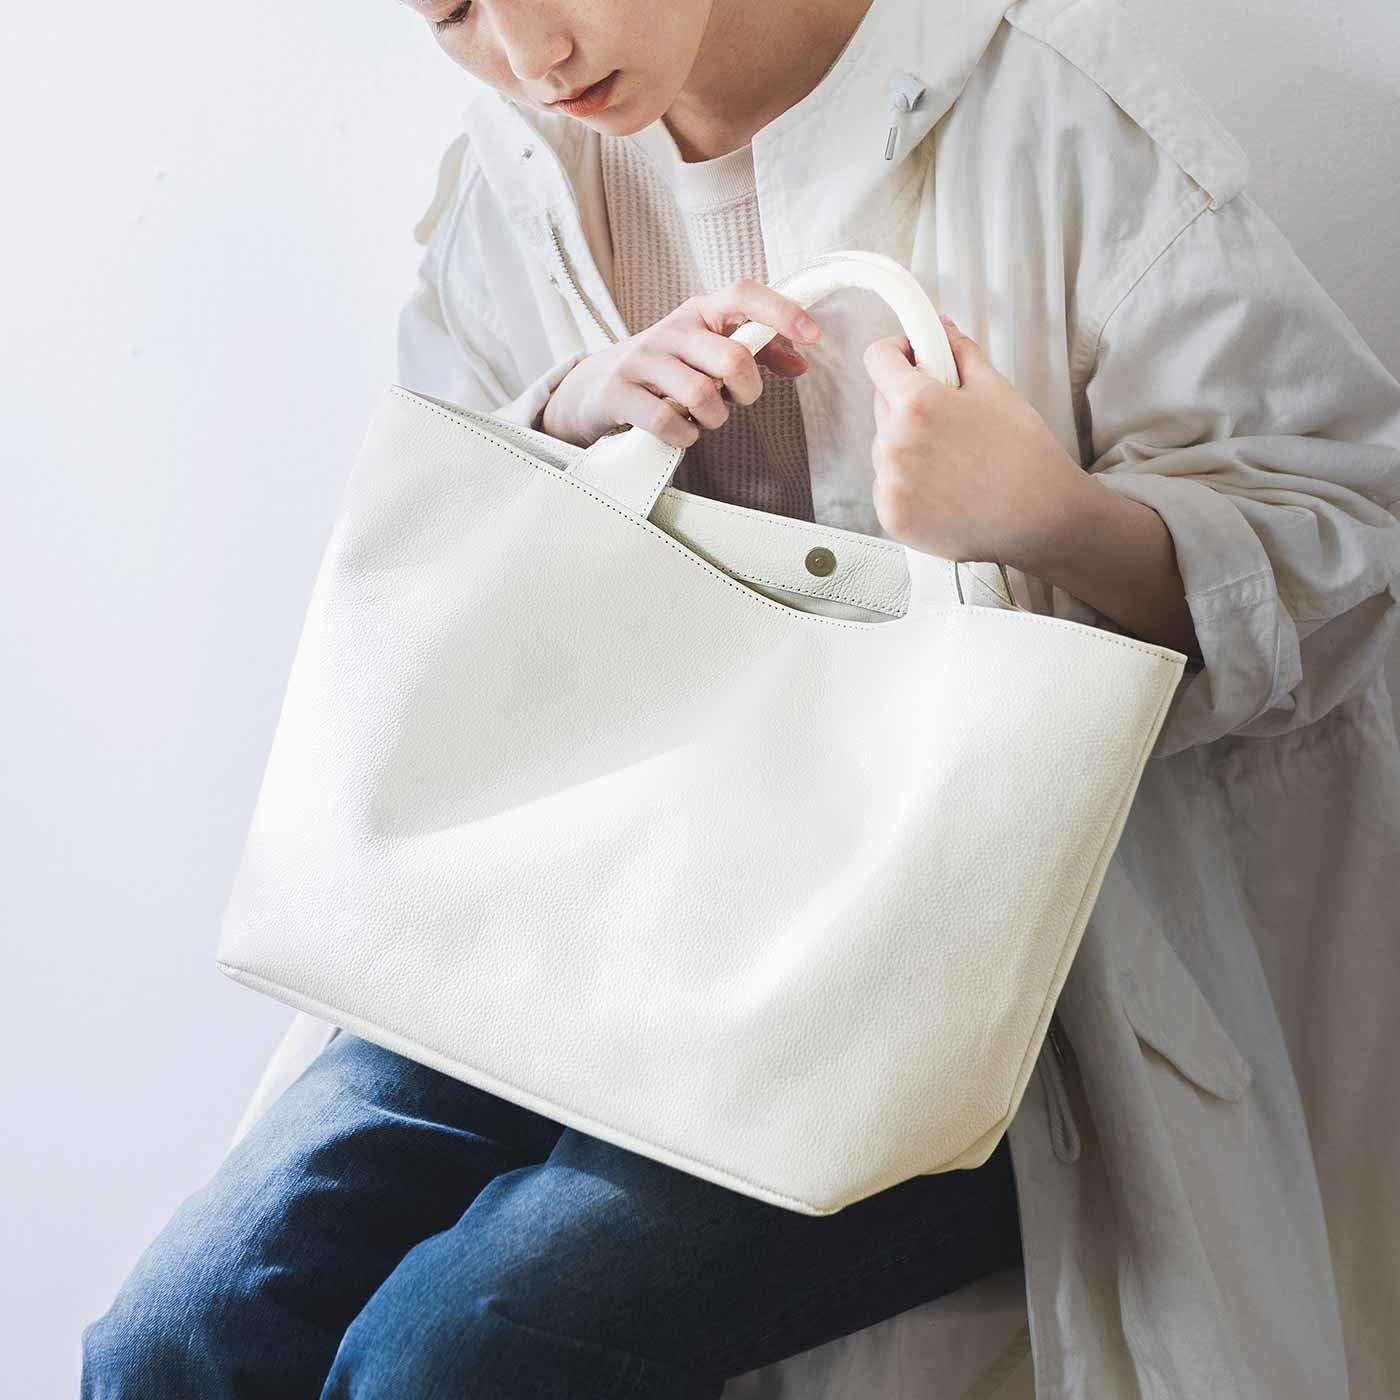 ファッションスタイリストと作った 職人本革のフィアブルトート 〈ブラン・ネージュ〉[本革 鞄:日本製]